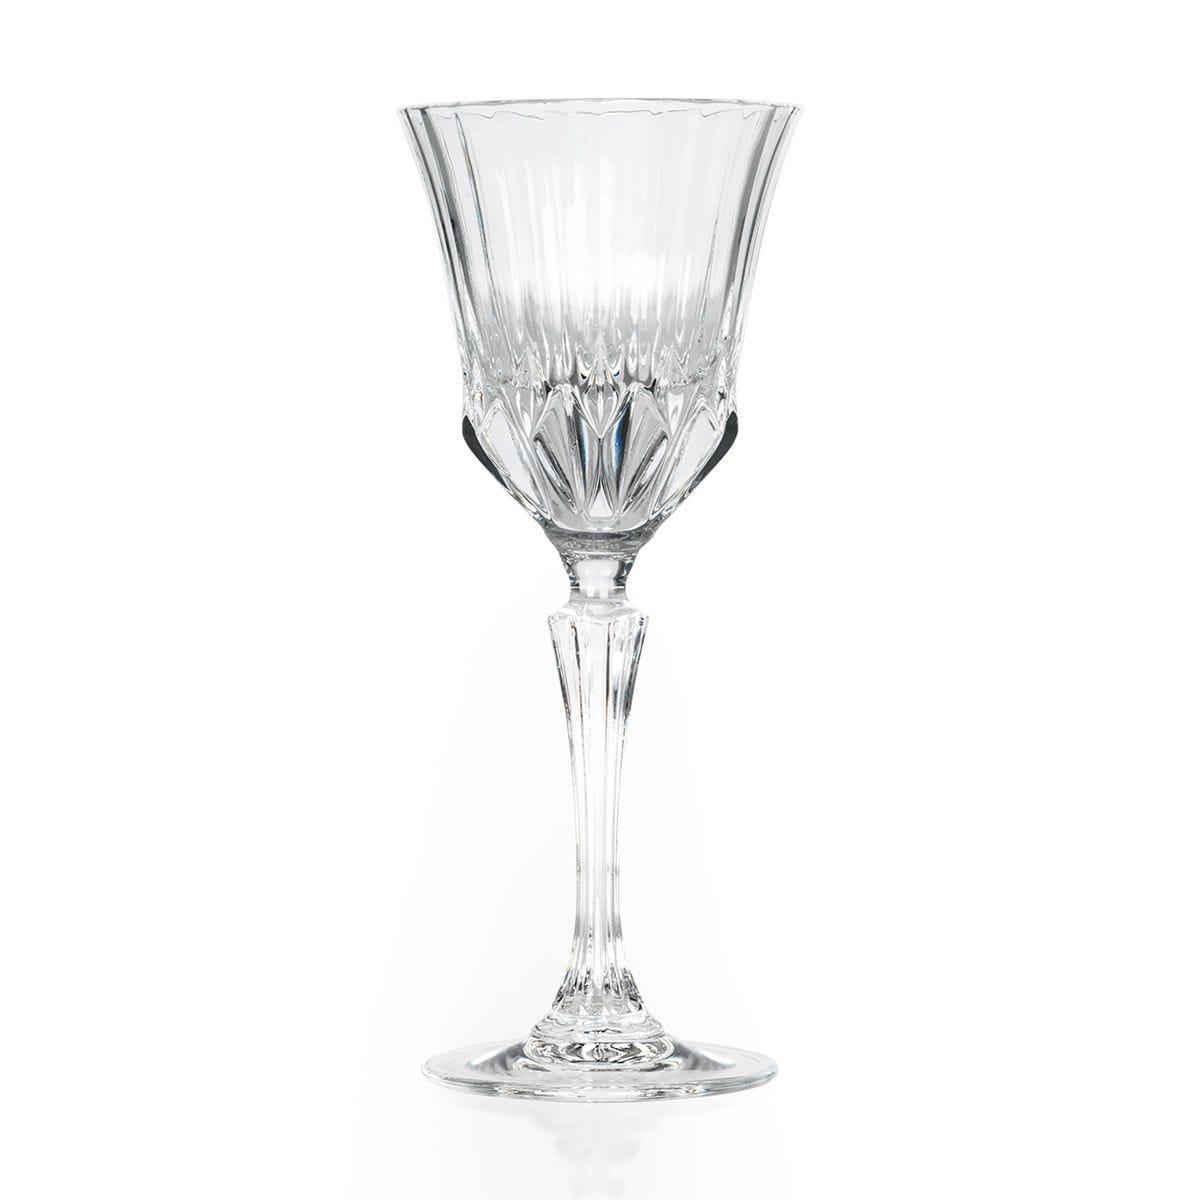 RCR Adagio Crystal Wine Glasses Set of 6